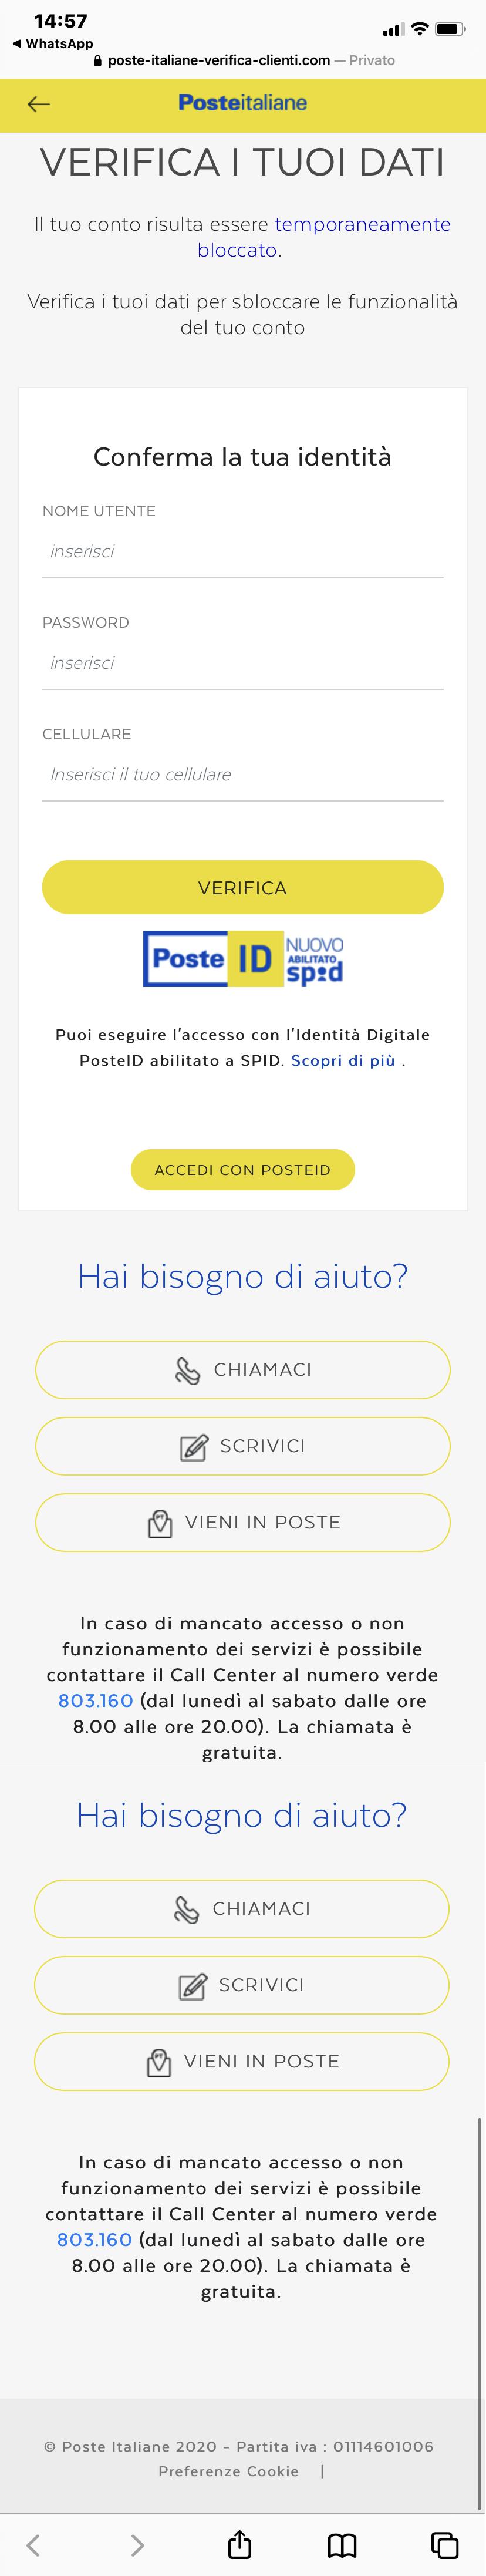 Clicca per ingrandire l'immagine del falso sito di Poste Italiane che simula l'originale per indurre il malcapitato ad inserire le credenziali del suo account ma in realtà si tratta di una TRUFFA!